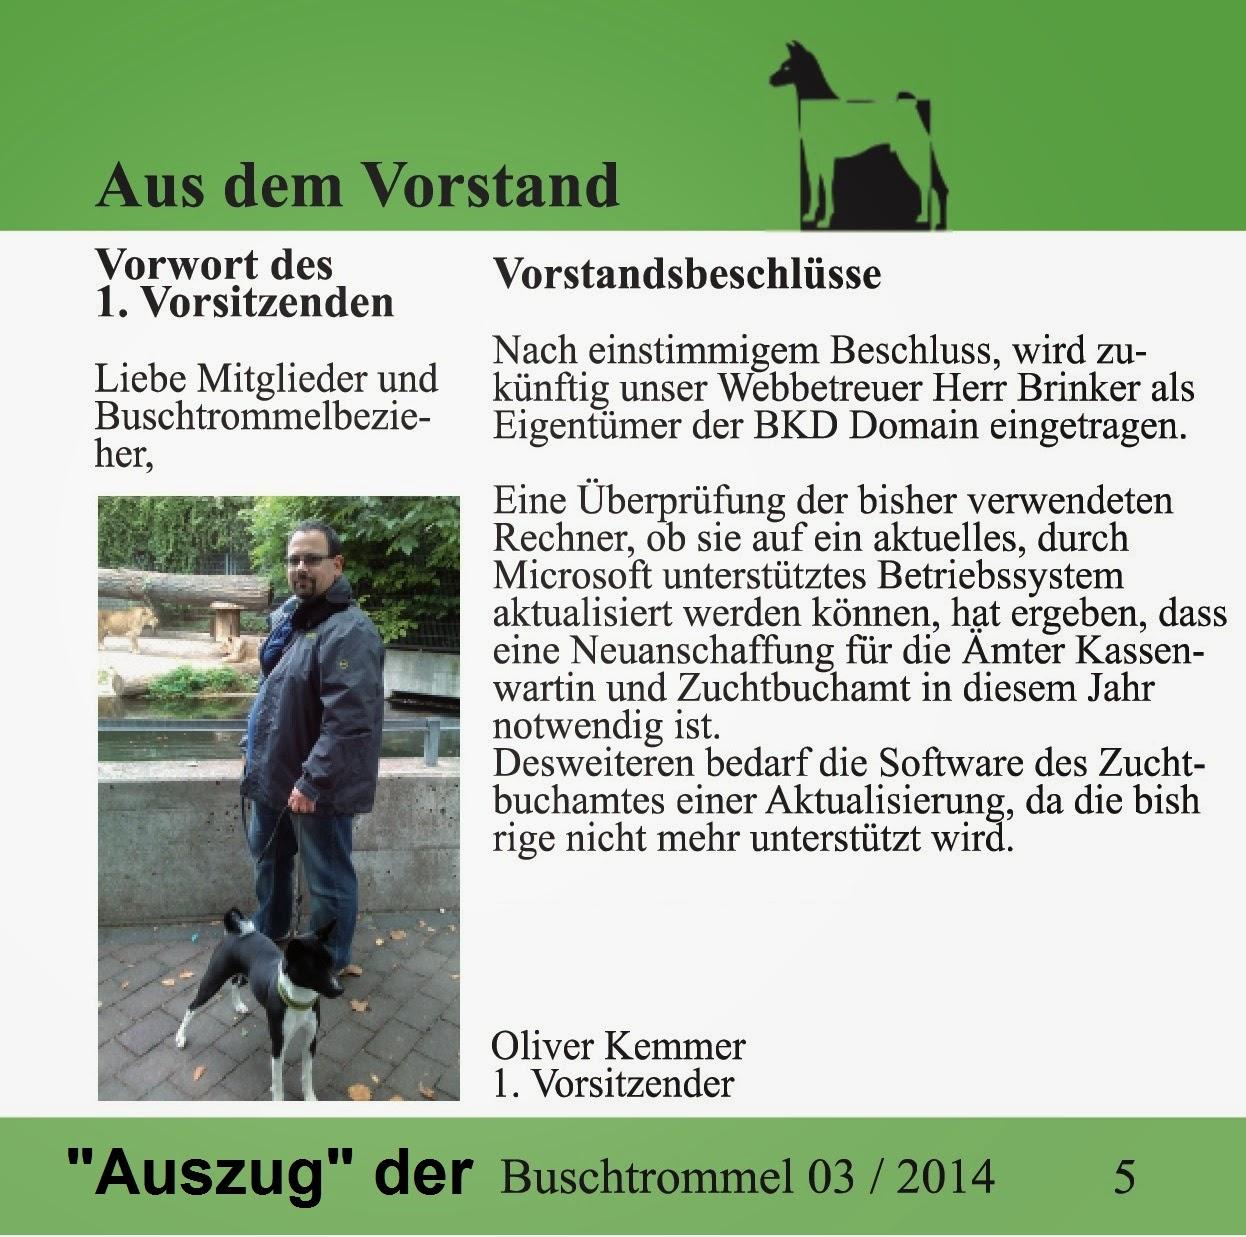 http://www.basenji-klub.de/downloads/buschtrommel/2014/bt_0314.pdf